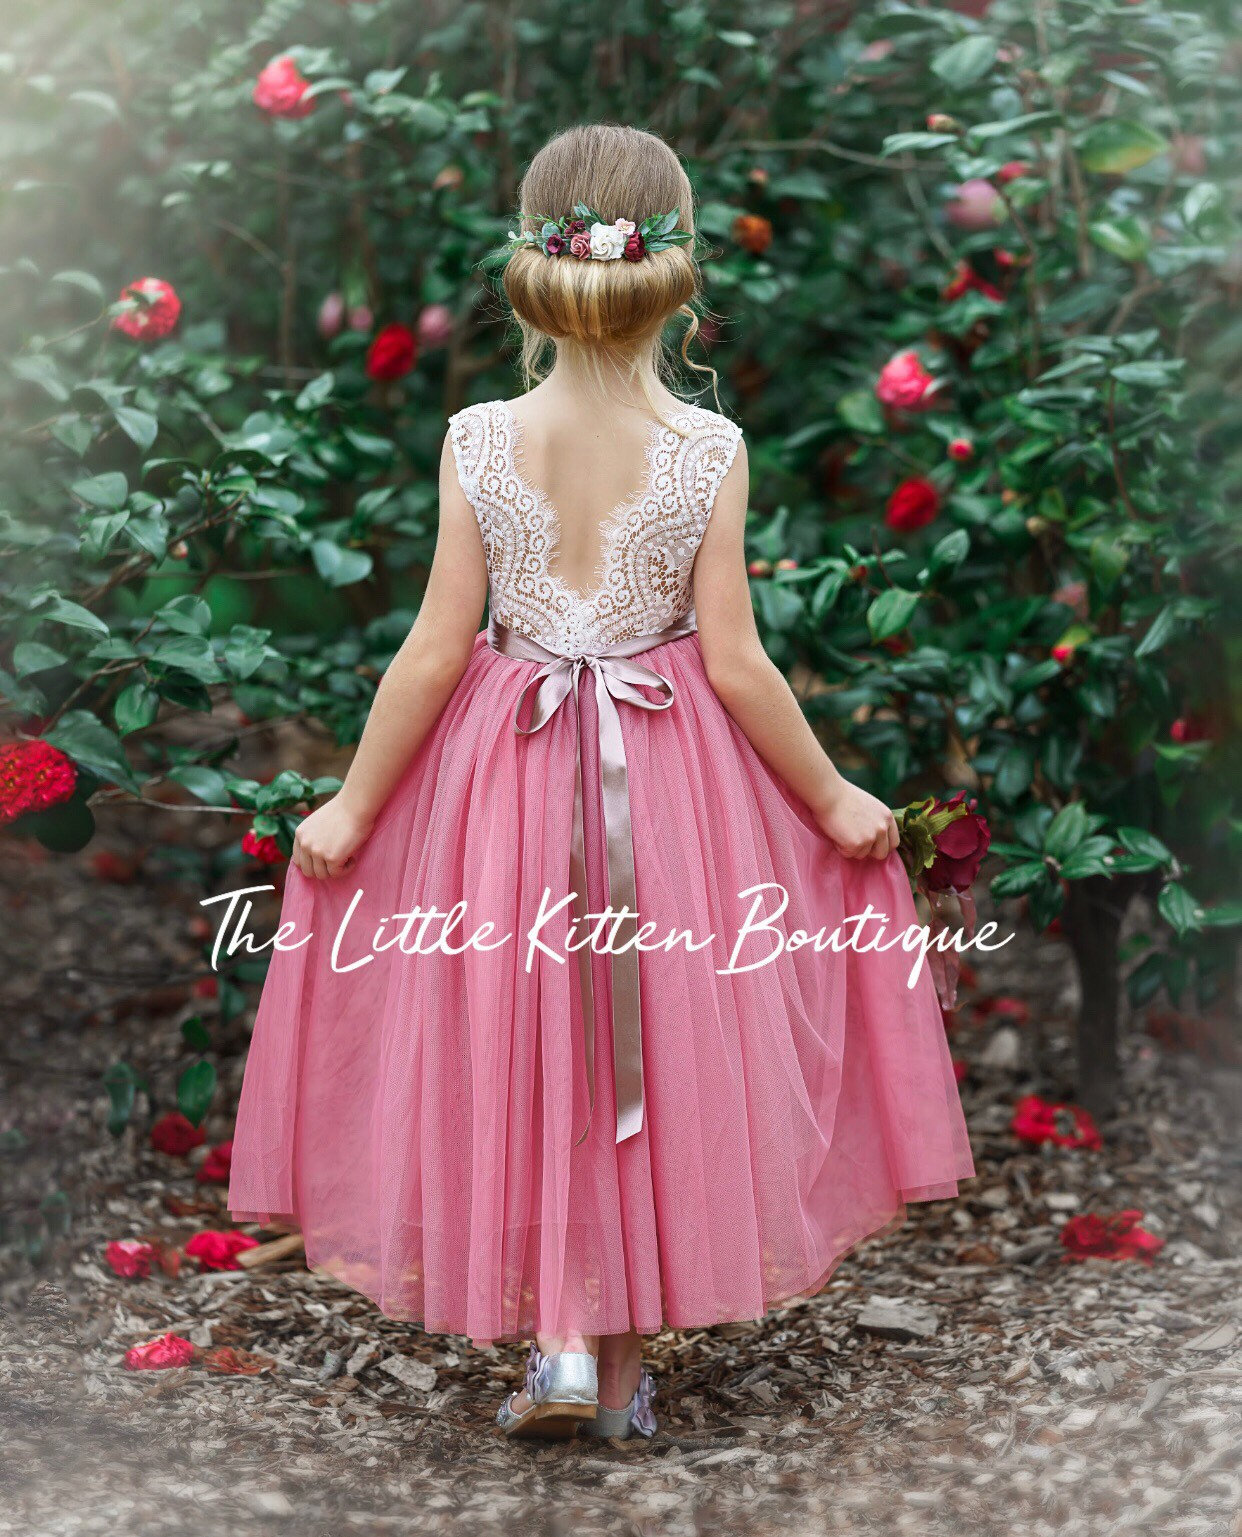 Ivory Flower Girl Dress Tulle Flower Girl Dress Boho Flower Girl Dress Rustic Lace Flower Girl Dress Wedding Dress Outdoor Wedding,Lace Beach Wedding Dresses Uk